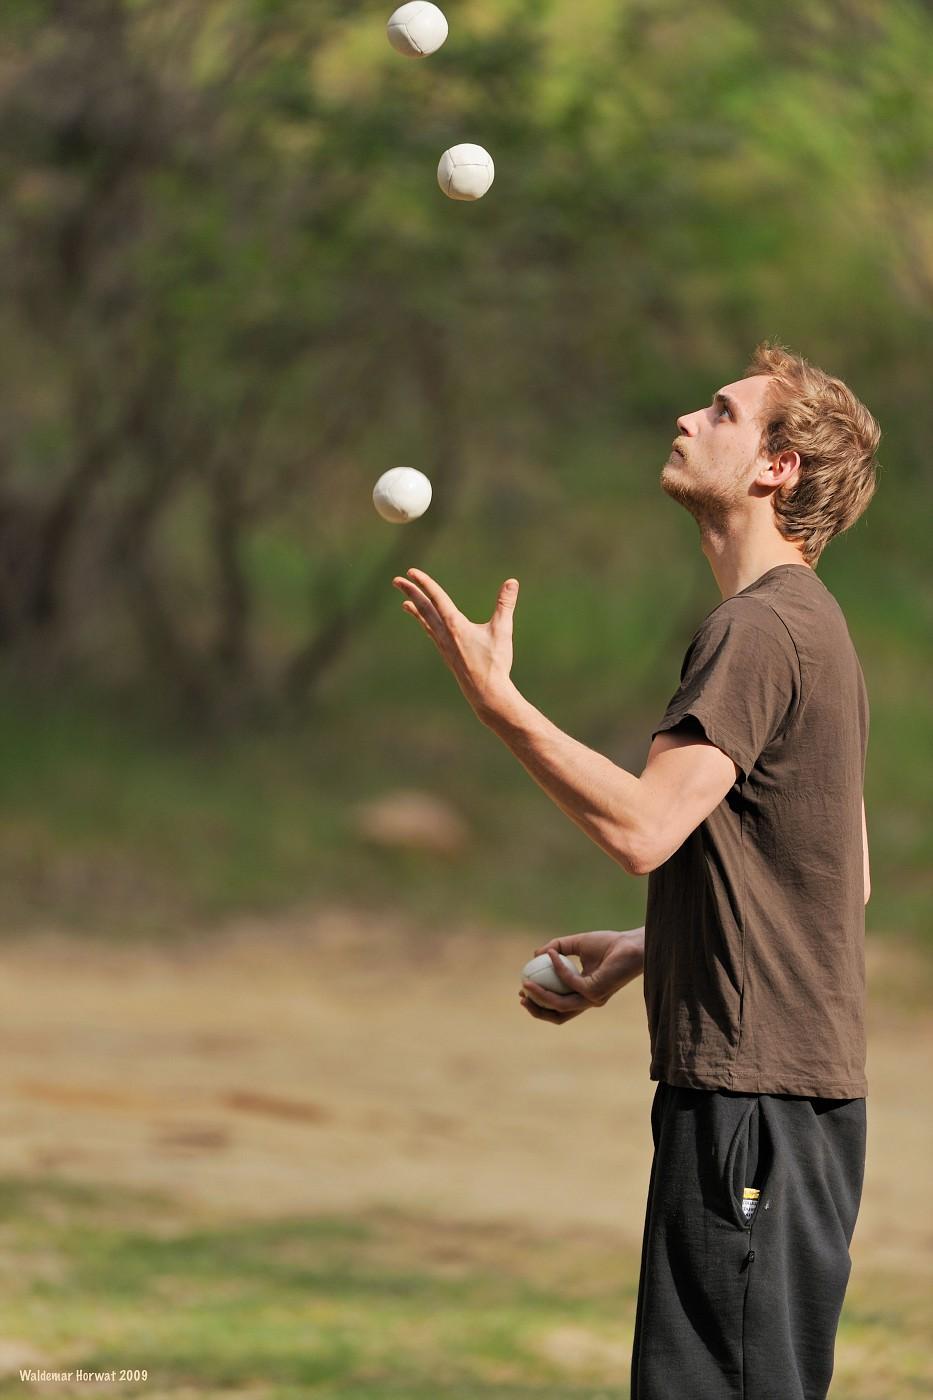 Romain Juggling